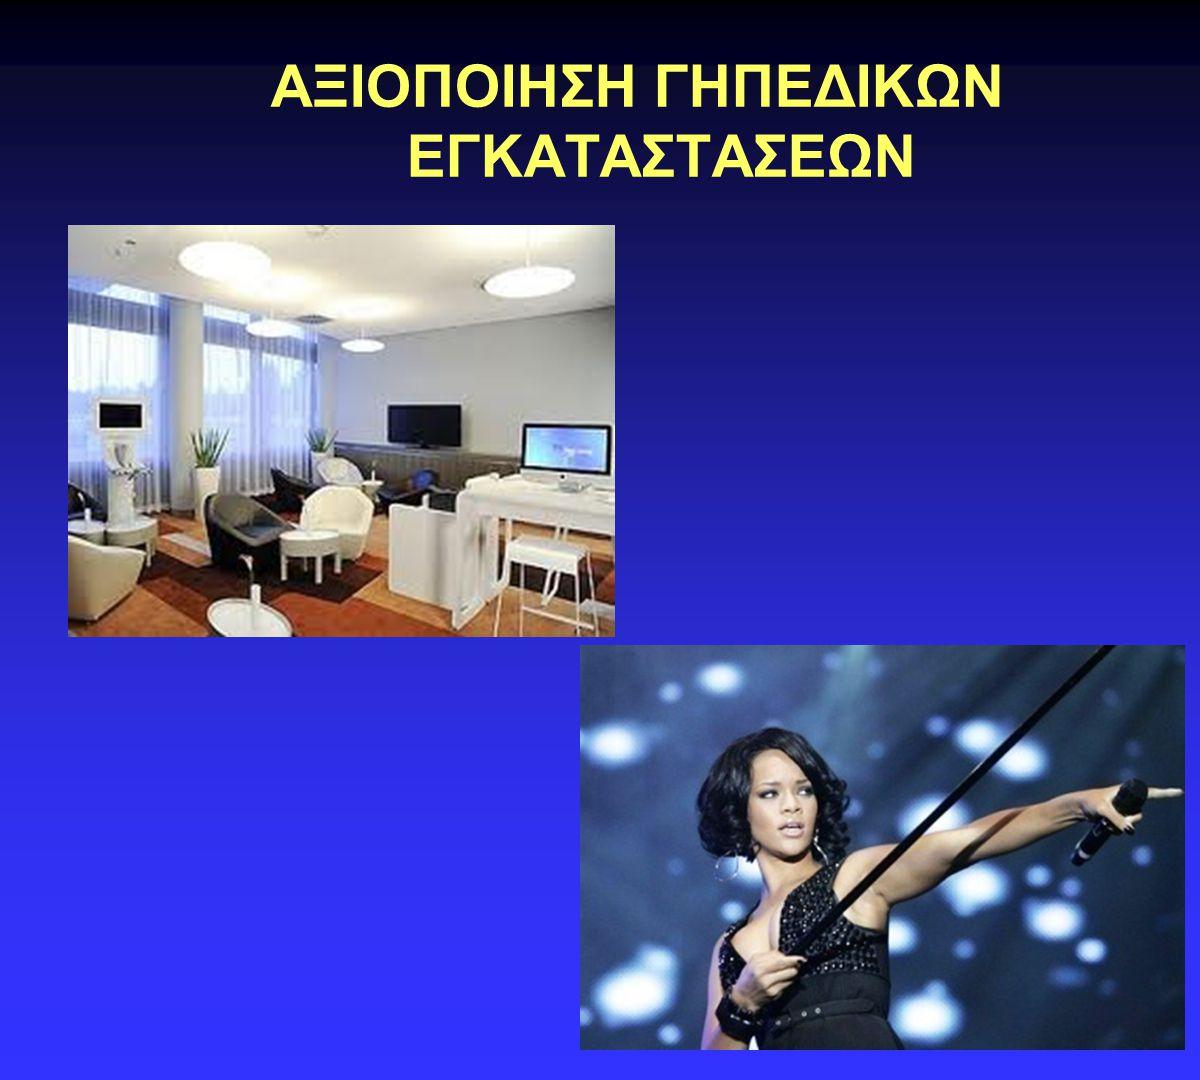 ΑΞΙΟΠΟΙΗΣΗ ΓΗΠΕΔΙΚΩΝ ΕΓΚΑΤΑΣΤΑΣΕΩΝ